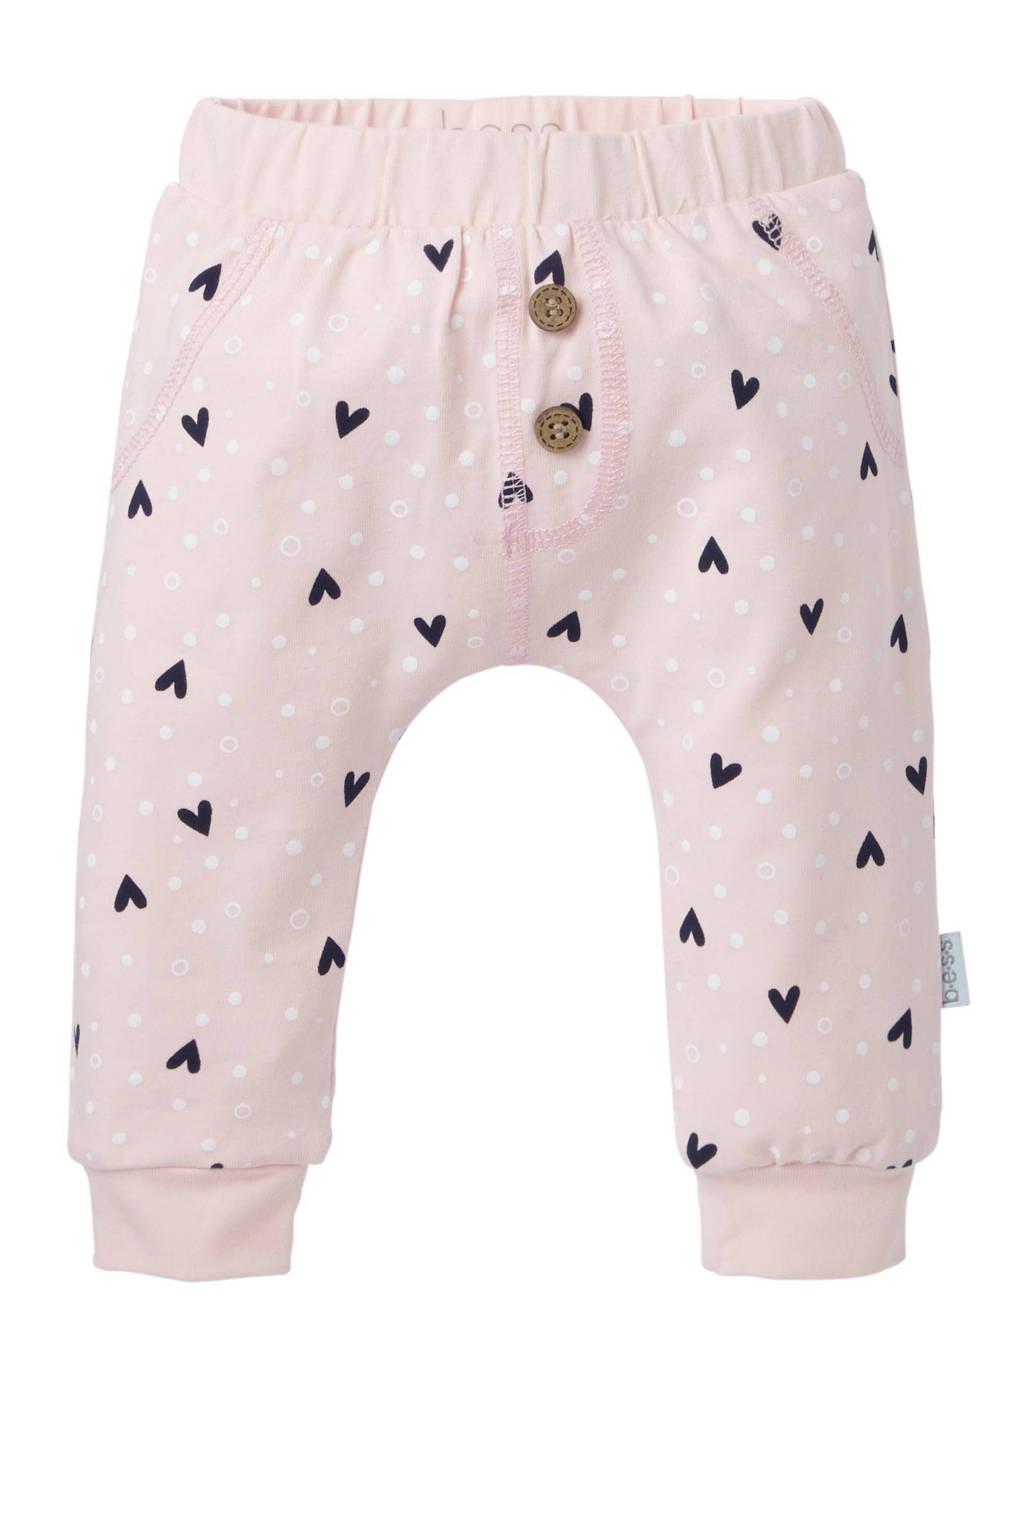 B.E.S.S baby newborn broek Hearts met hartjes roze, Lichtroze/marine/wit